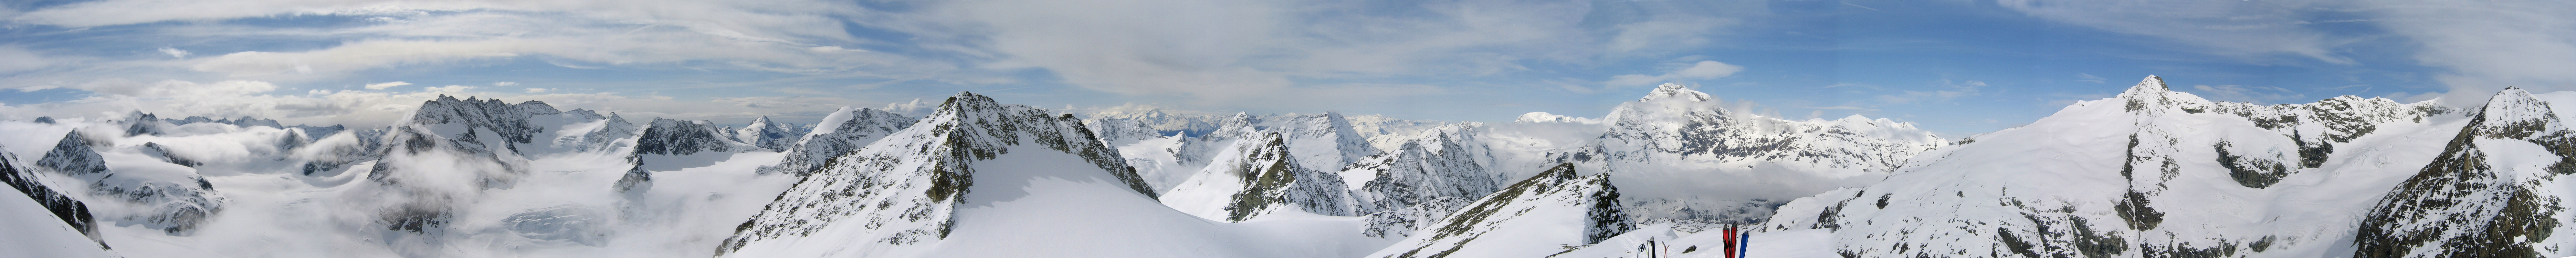 Pigne Arolla, Day 5 H.R. Chamonix-Zermatt Walliser Alpen / Alpes valaisannes Schweiz panorama 52